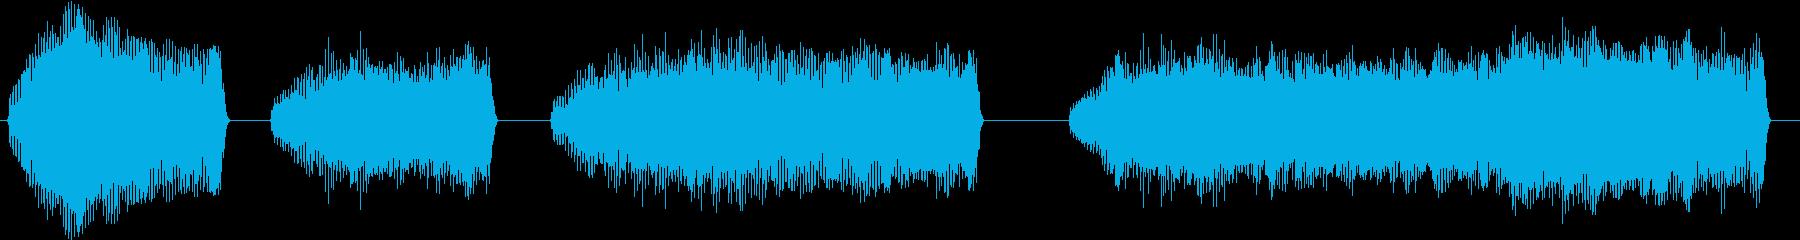 トーンベーススライドワープサステインの再生済みの波形